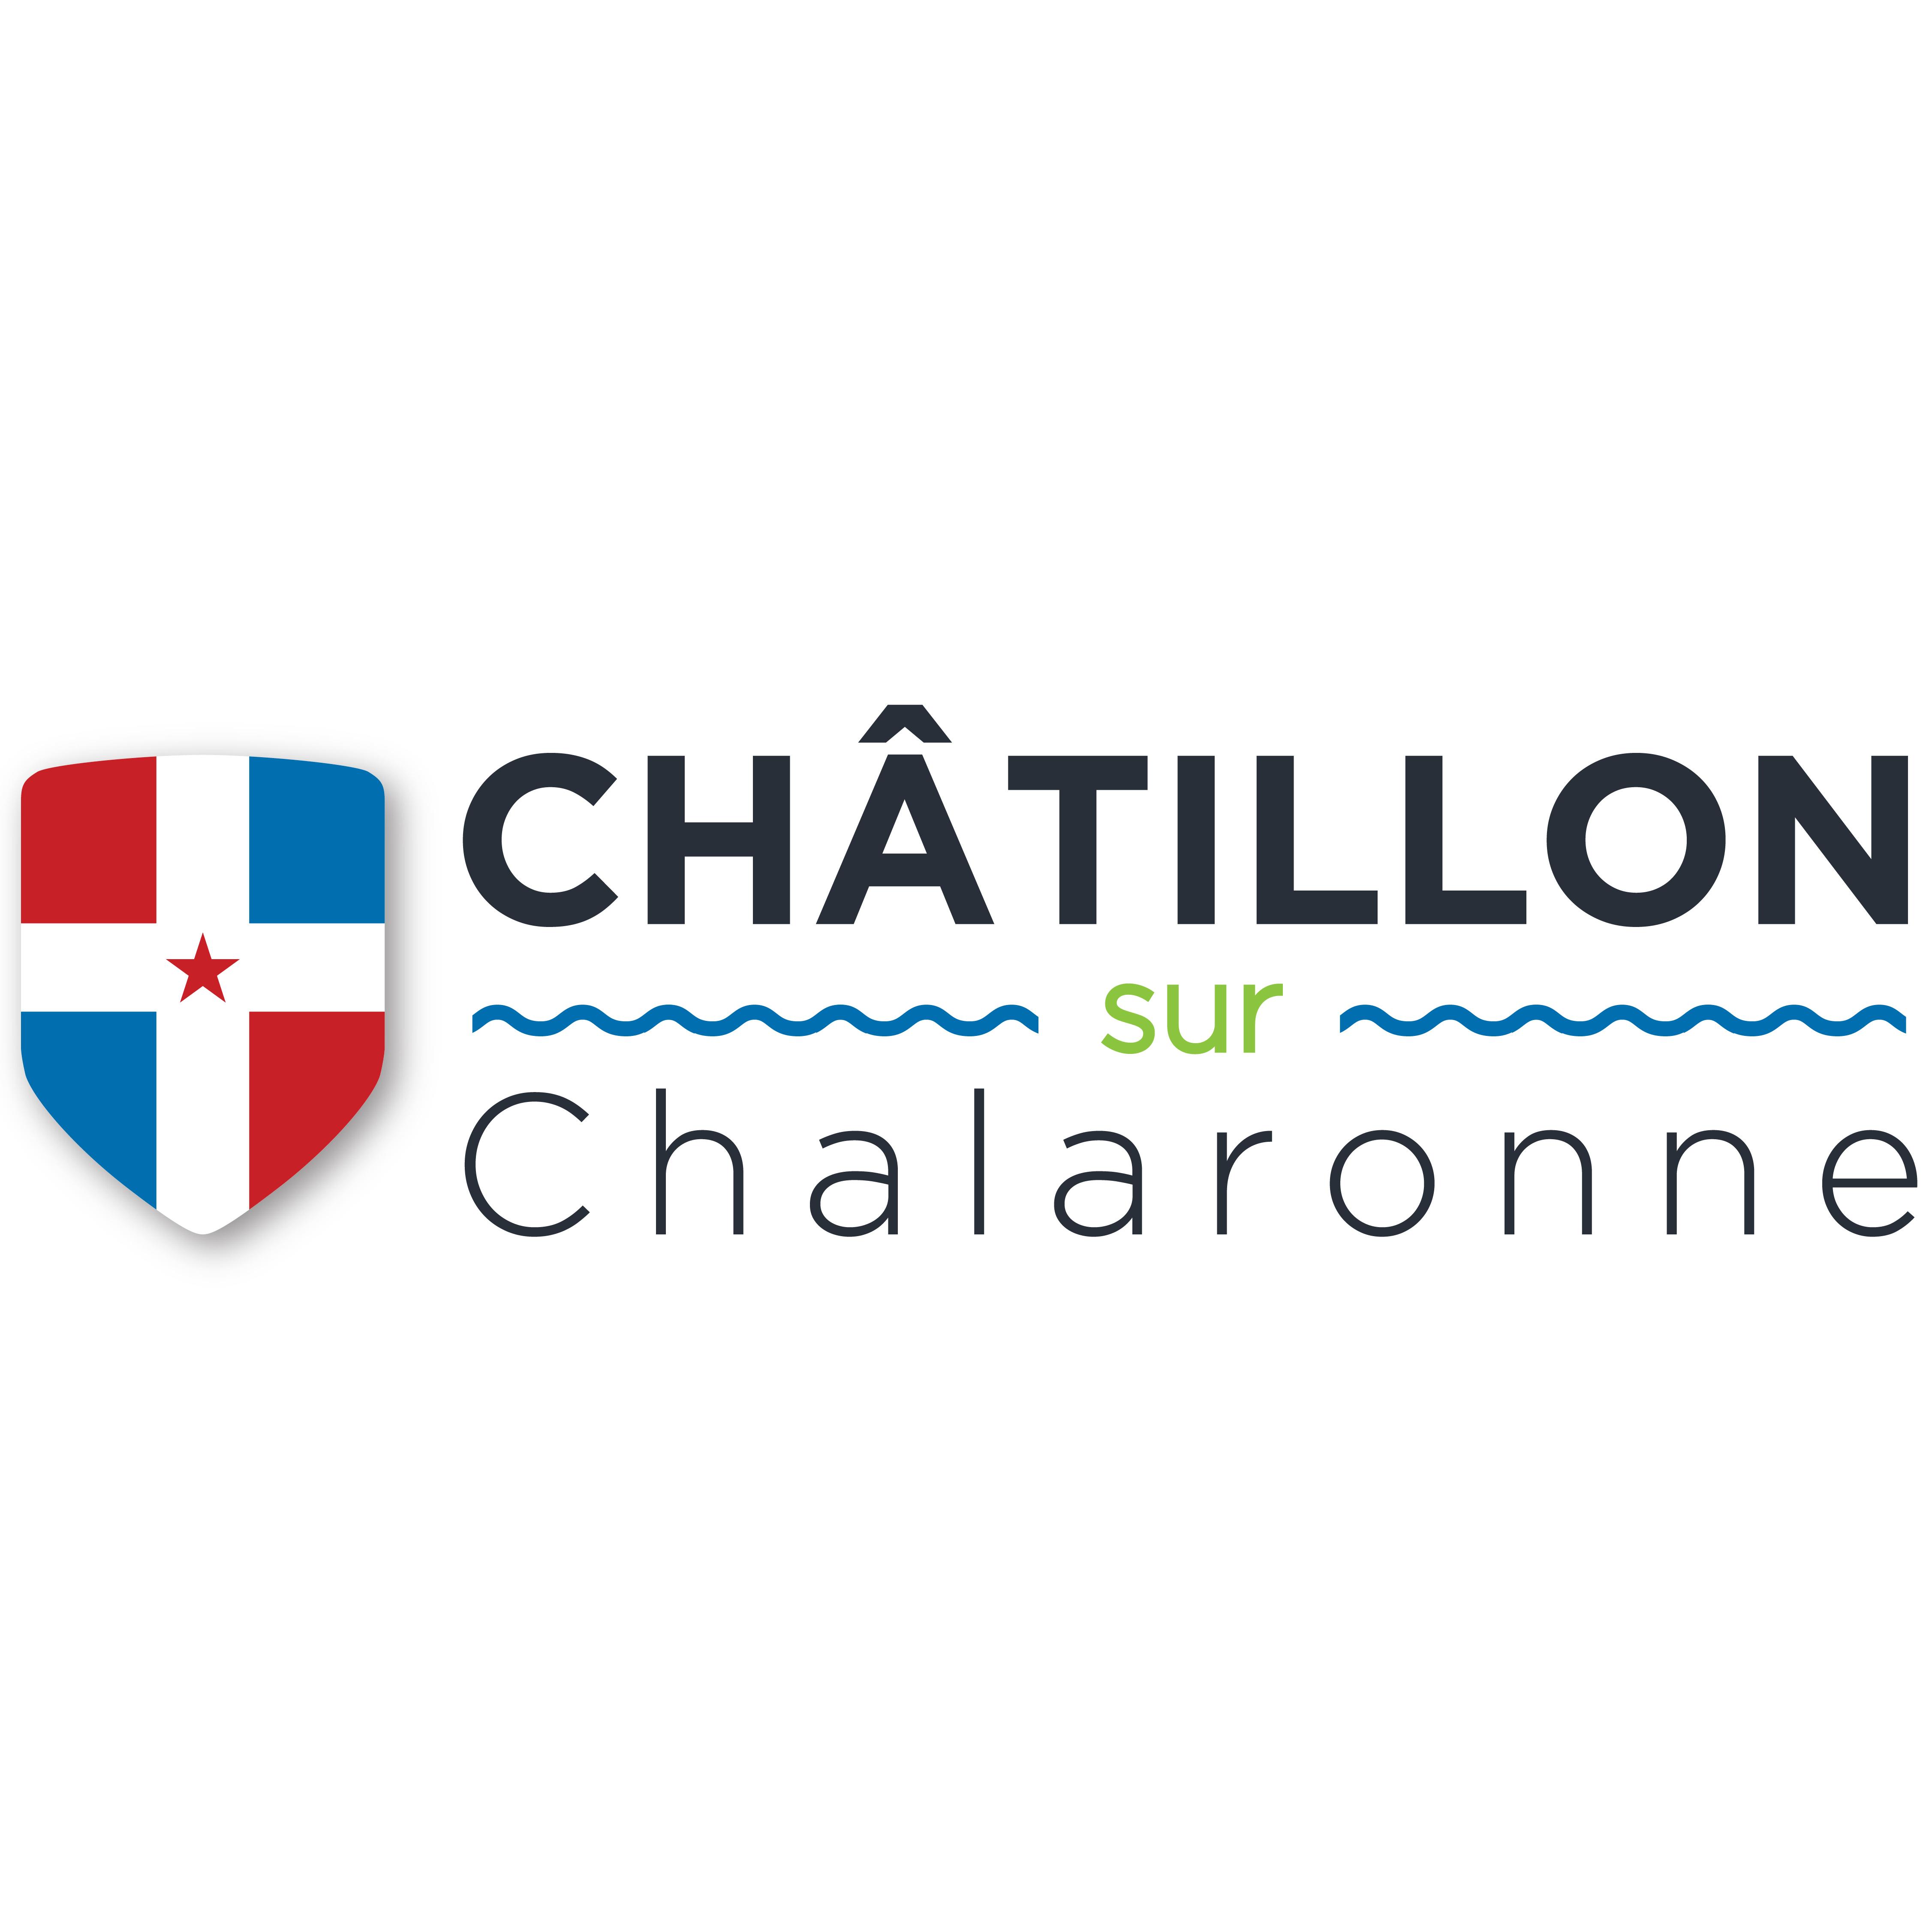 Commune de Châtillon-sur-Chalaronne